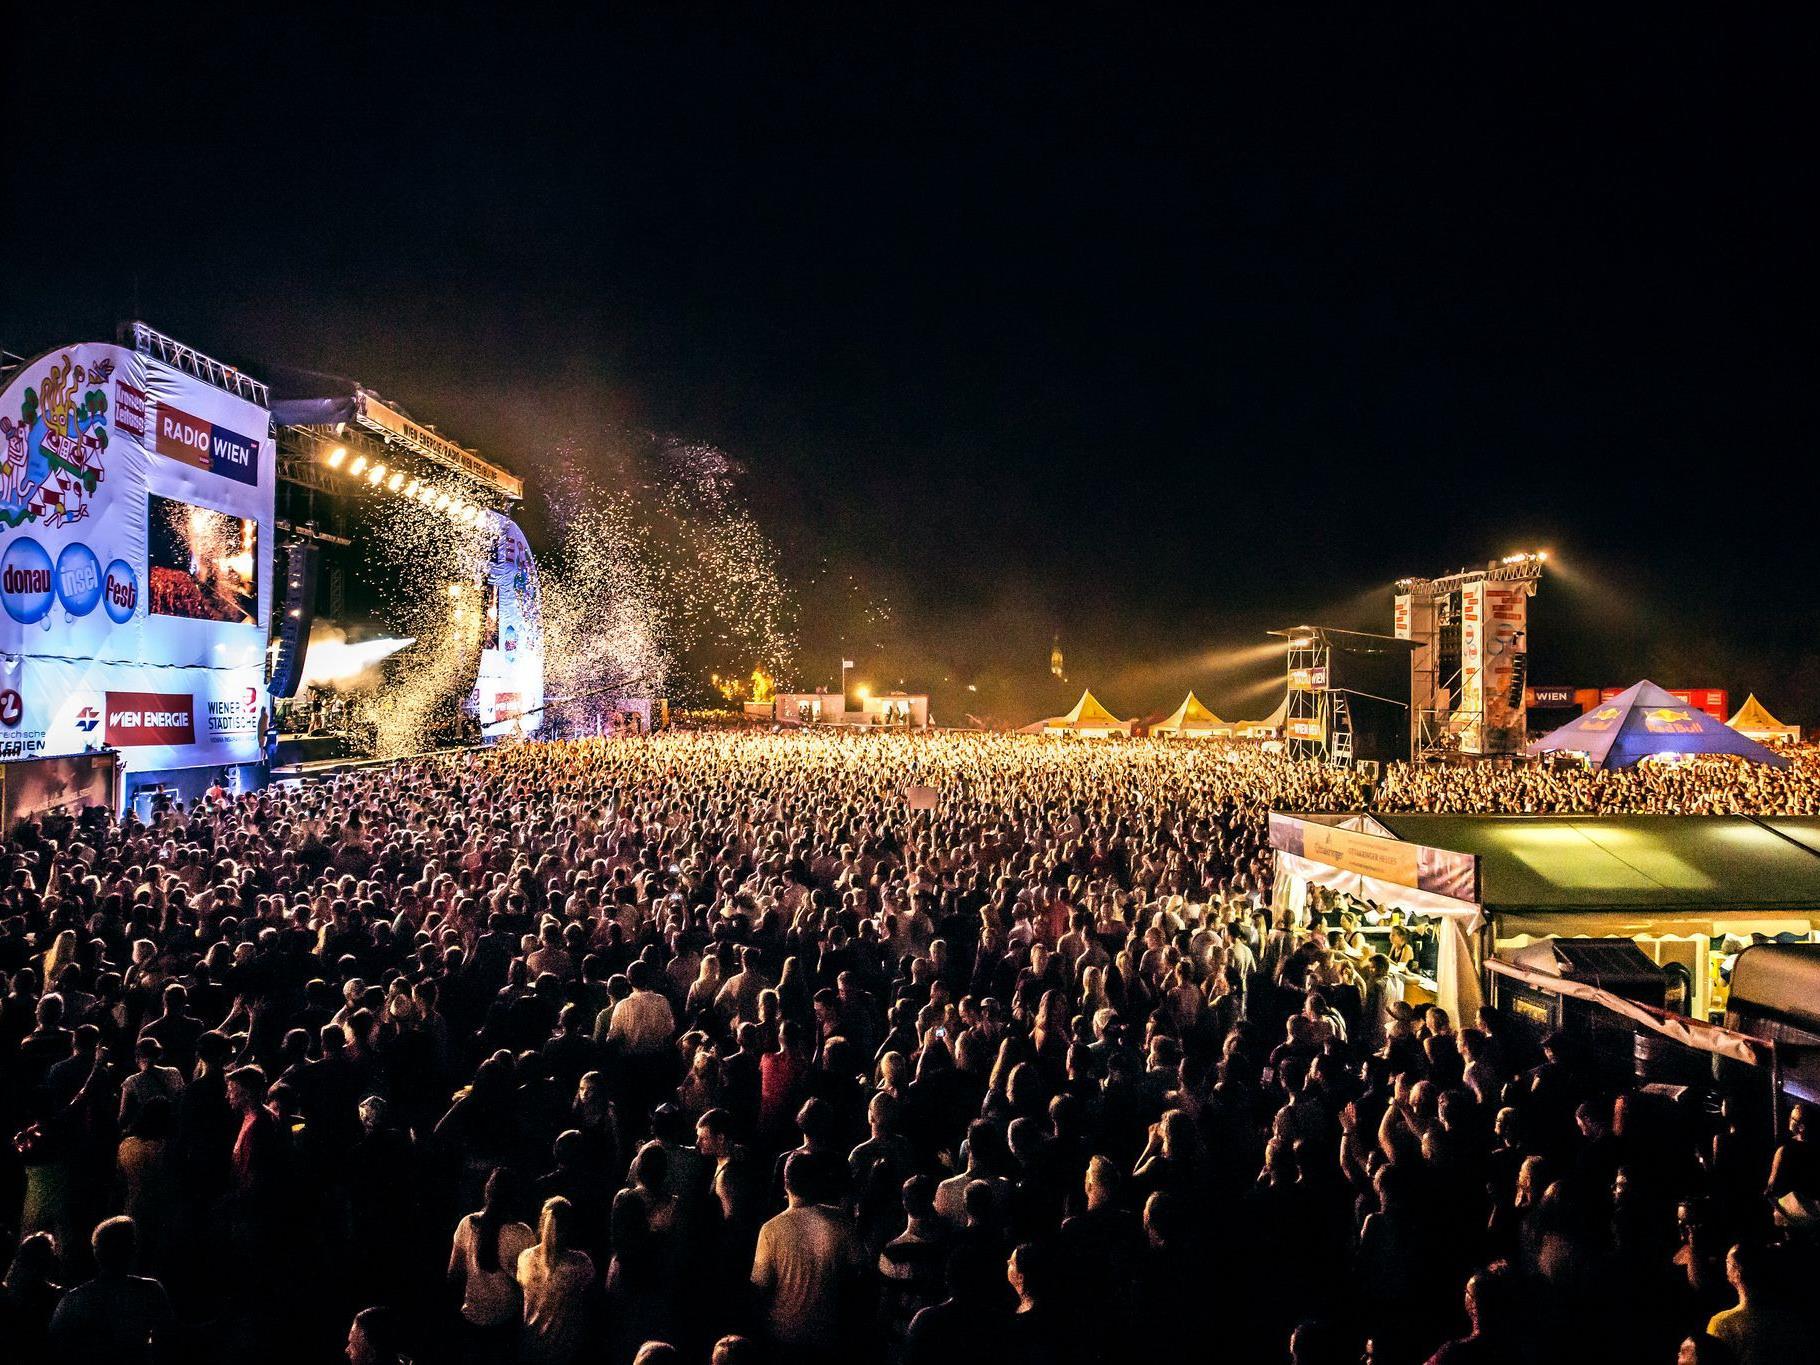 Sei dabei am DIF in Wien - gewinne ein Wochenende mit Aufenthalt zu zweit.